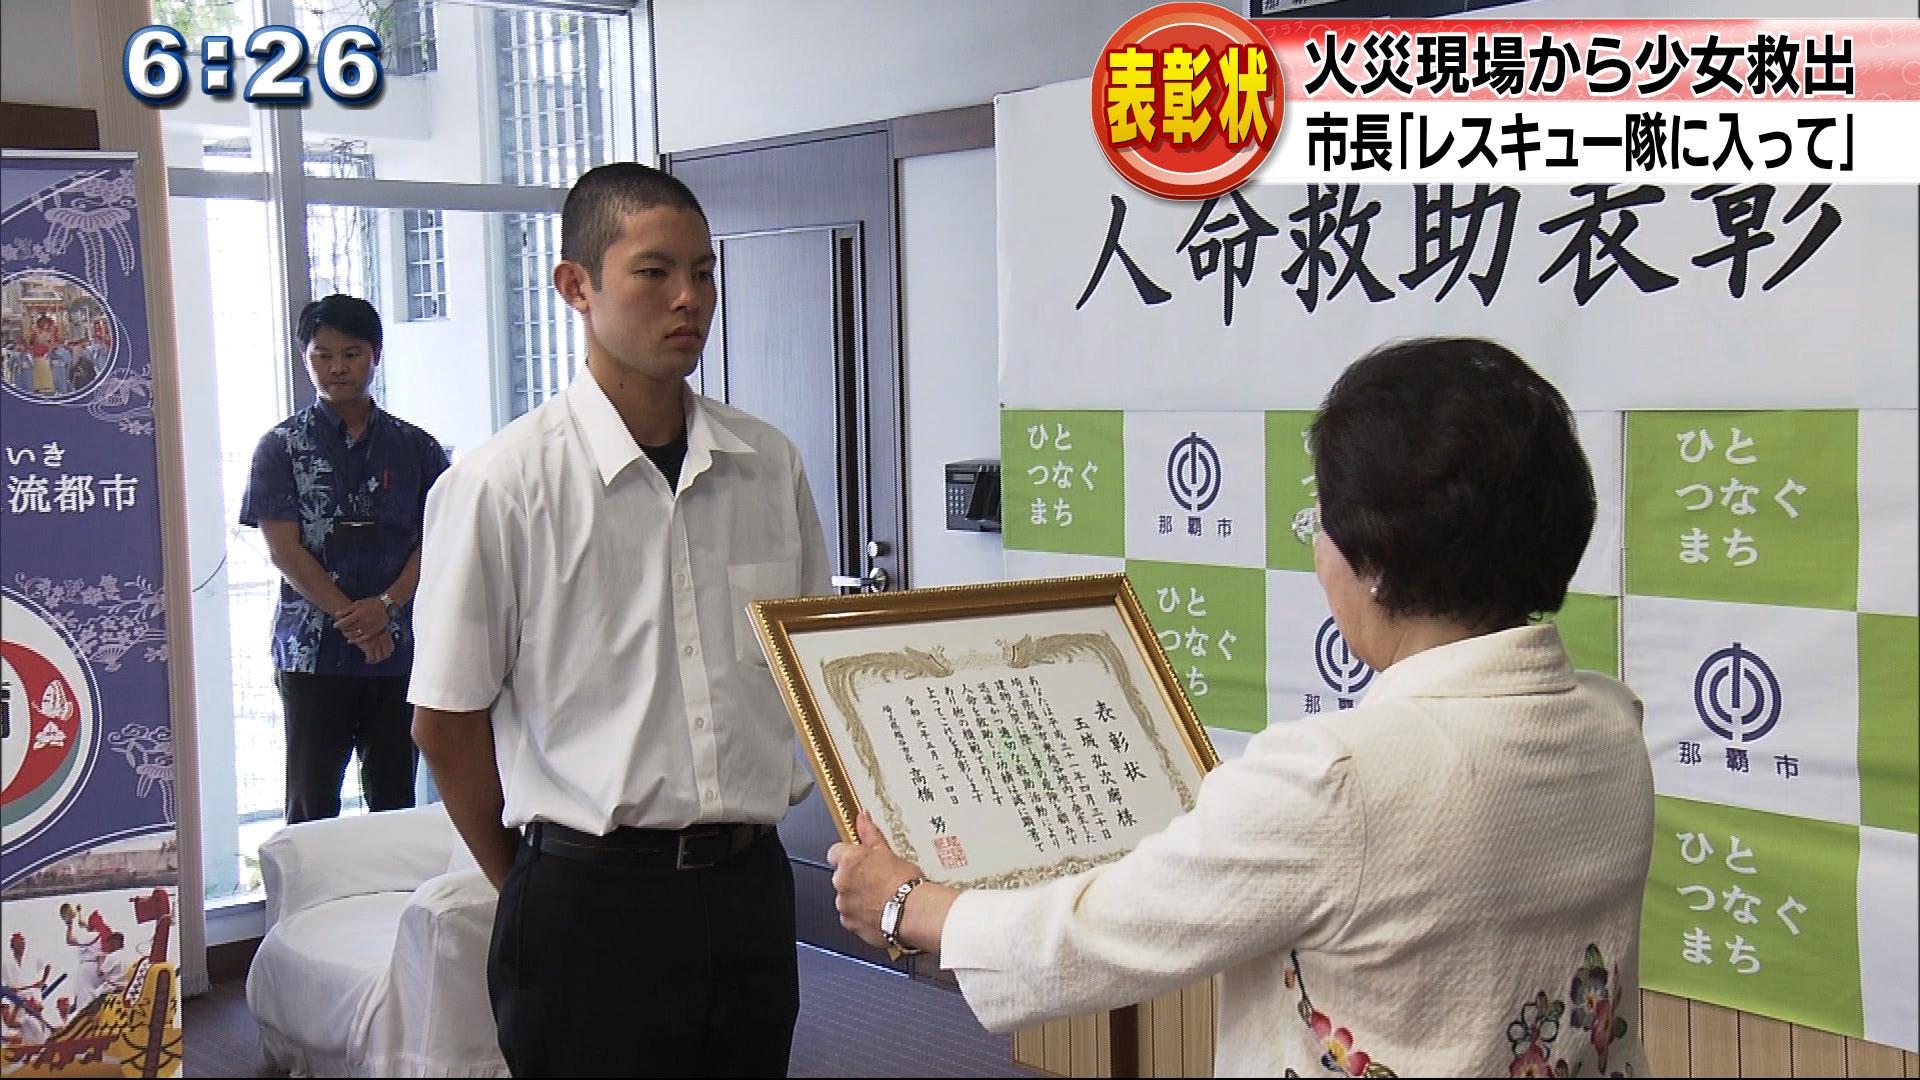 埼玉で人命救助の高校生表彰